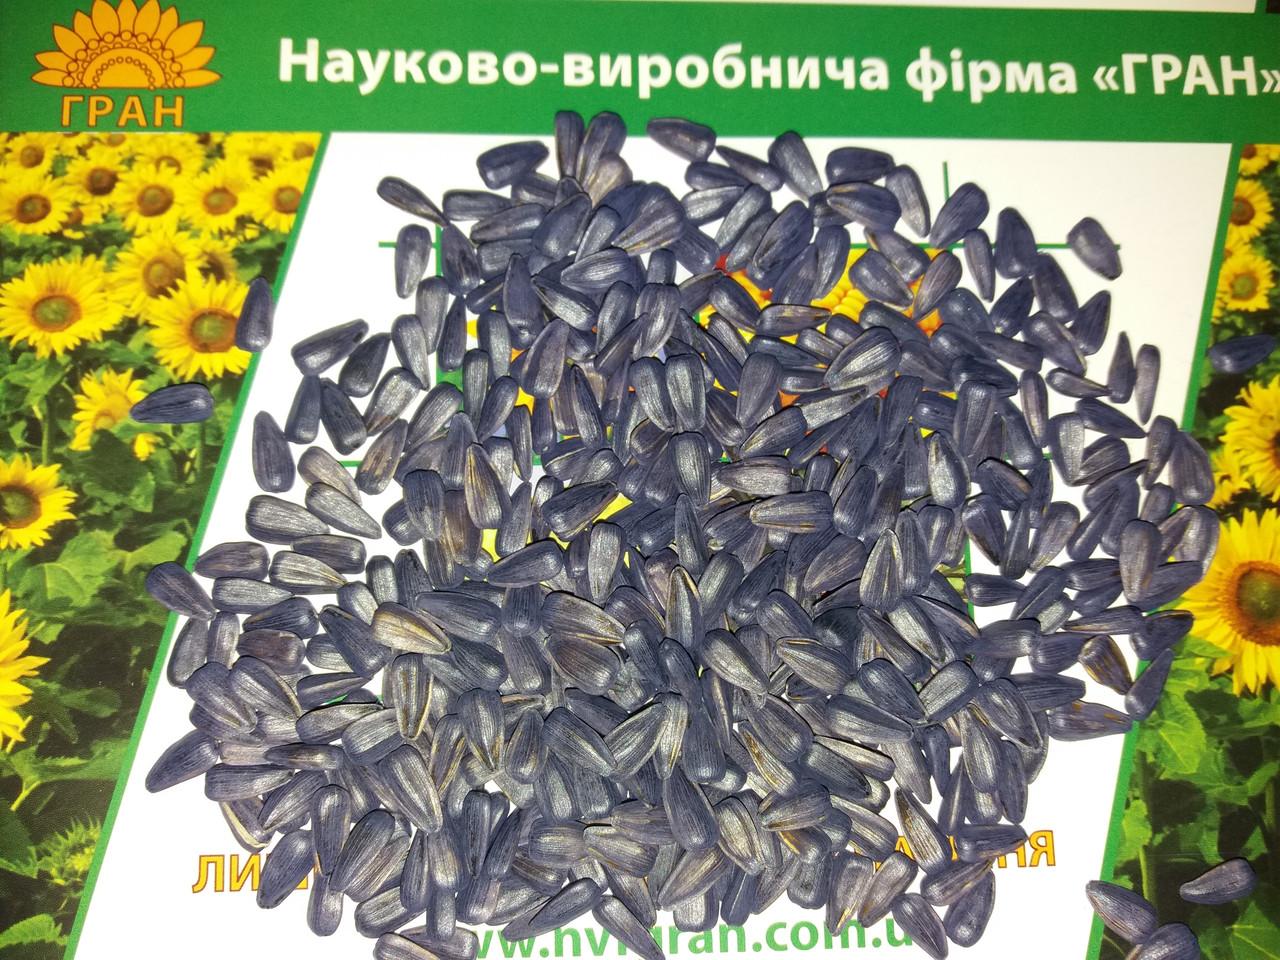 Семена подсолнечника под Гранстар ТОЛЕДО, Гибрид устойчивый к засухе и заразихе A-F. Экстра - ТОВ АВС Стандарт в Днепре